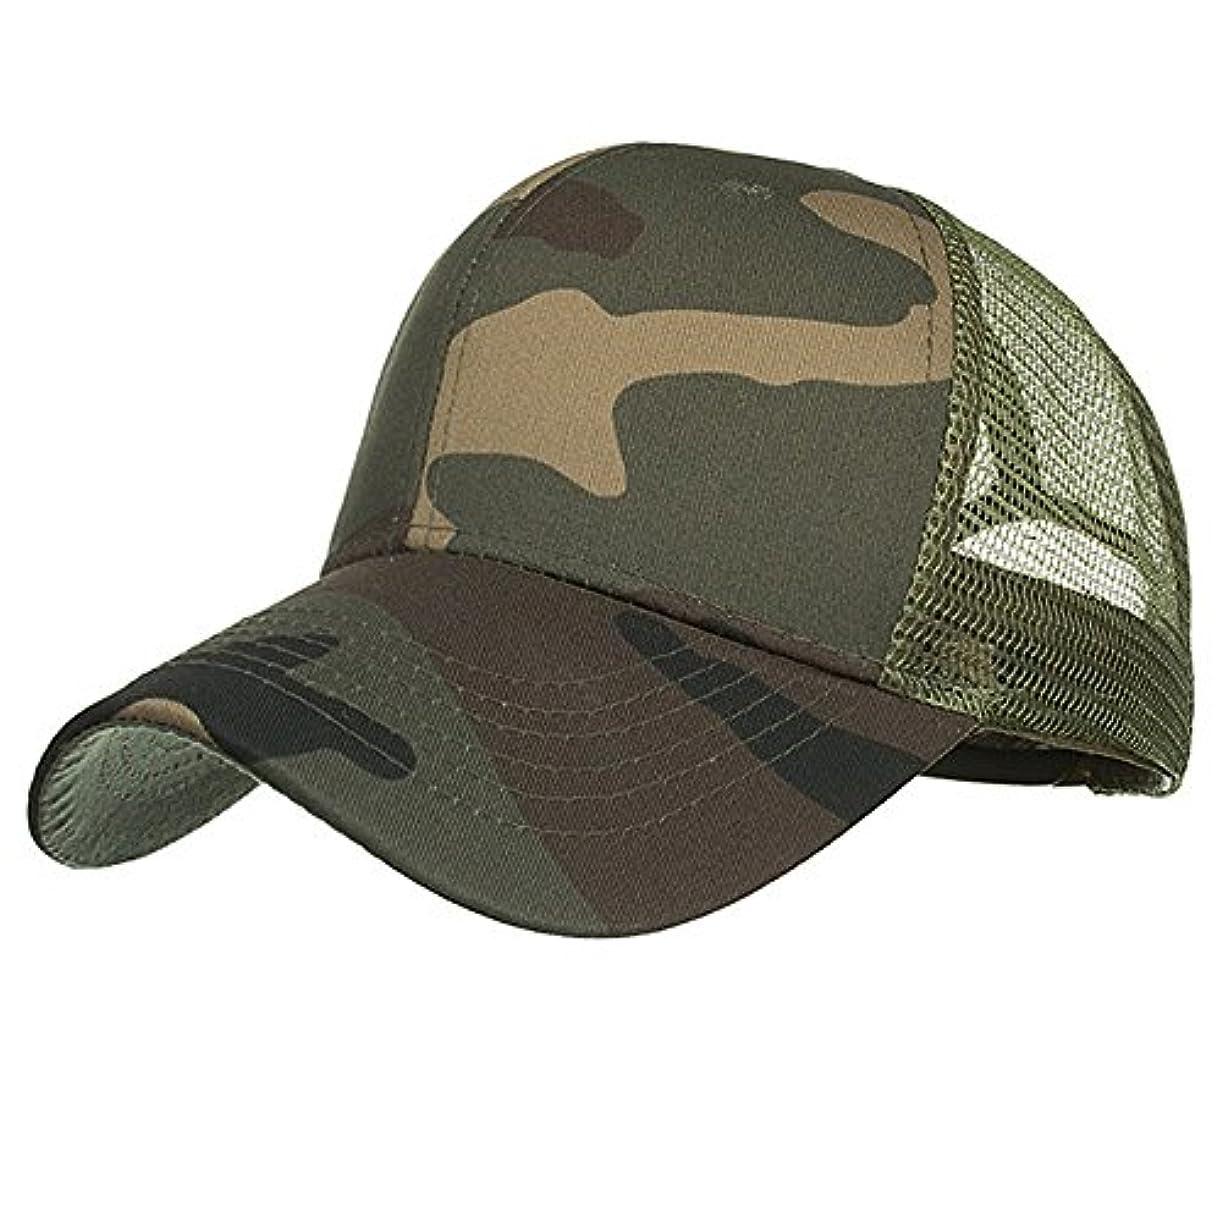 首すでにケージRacazing Cap 迷彩 野球帽 メッシュステッチ 通気性のある 帽子 夏 登山 可調整可能 刺繍 棒球帽 UV 帽子 軽量 屋外 Unisex Hat (A)